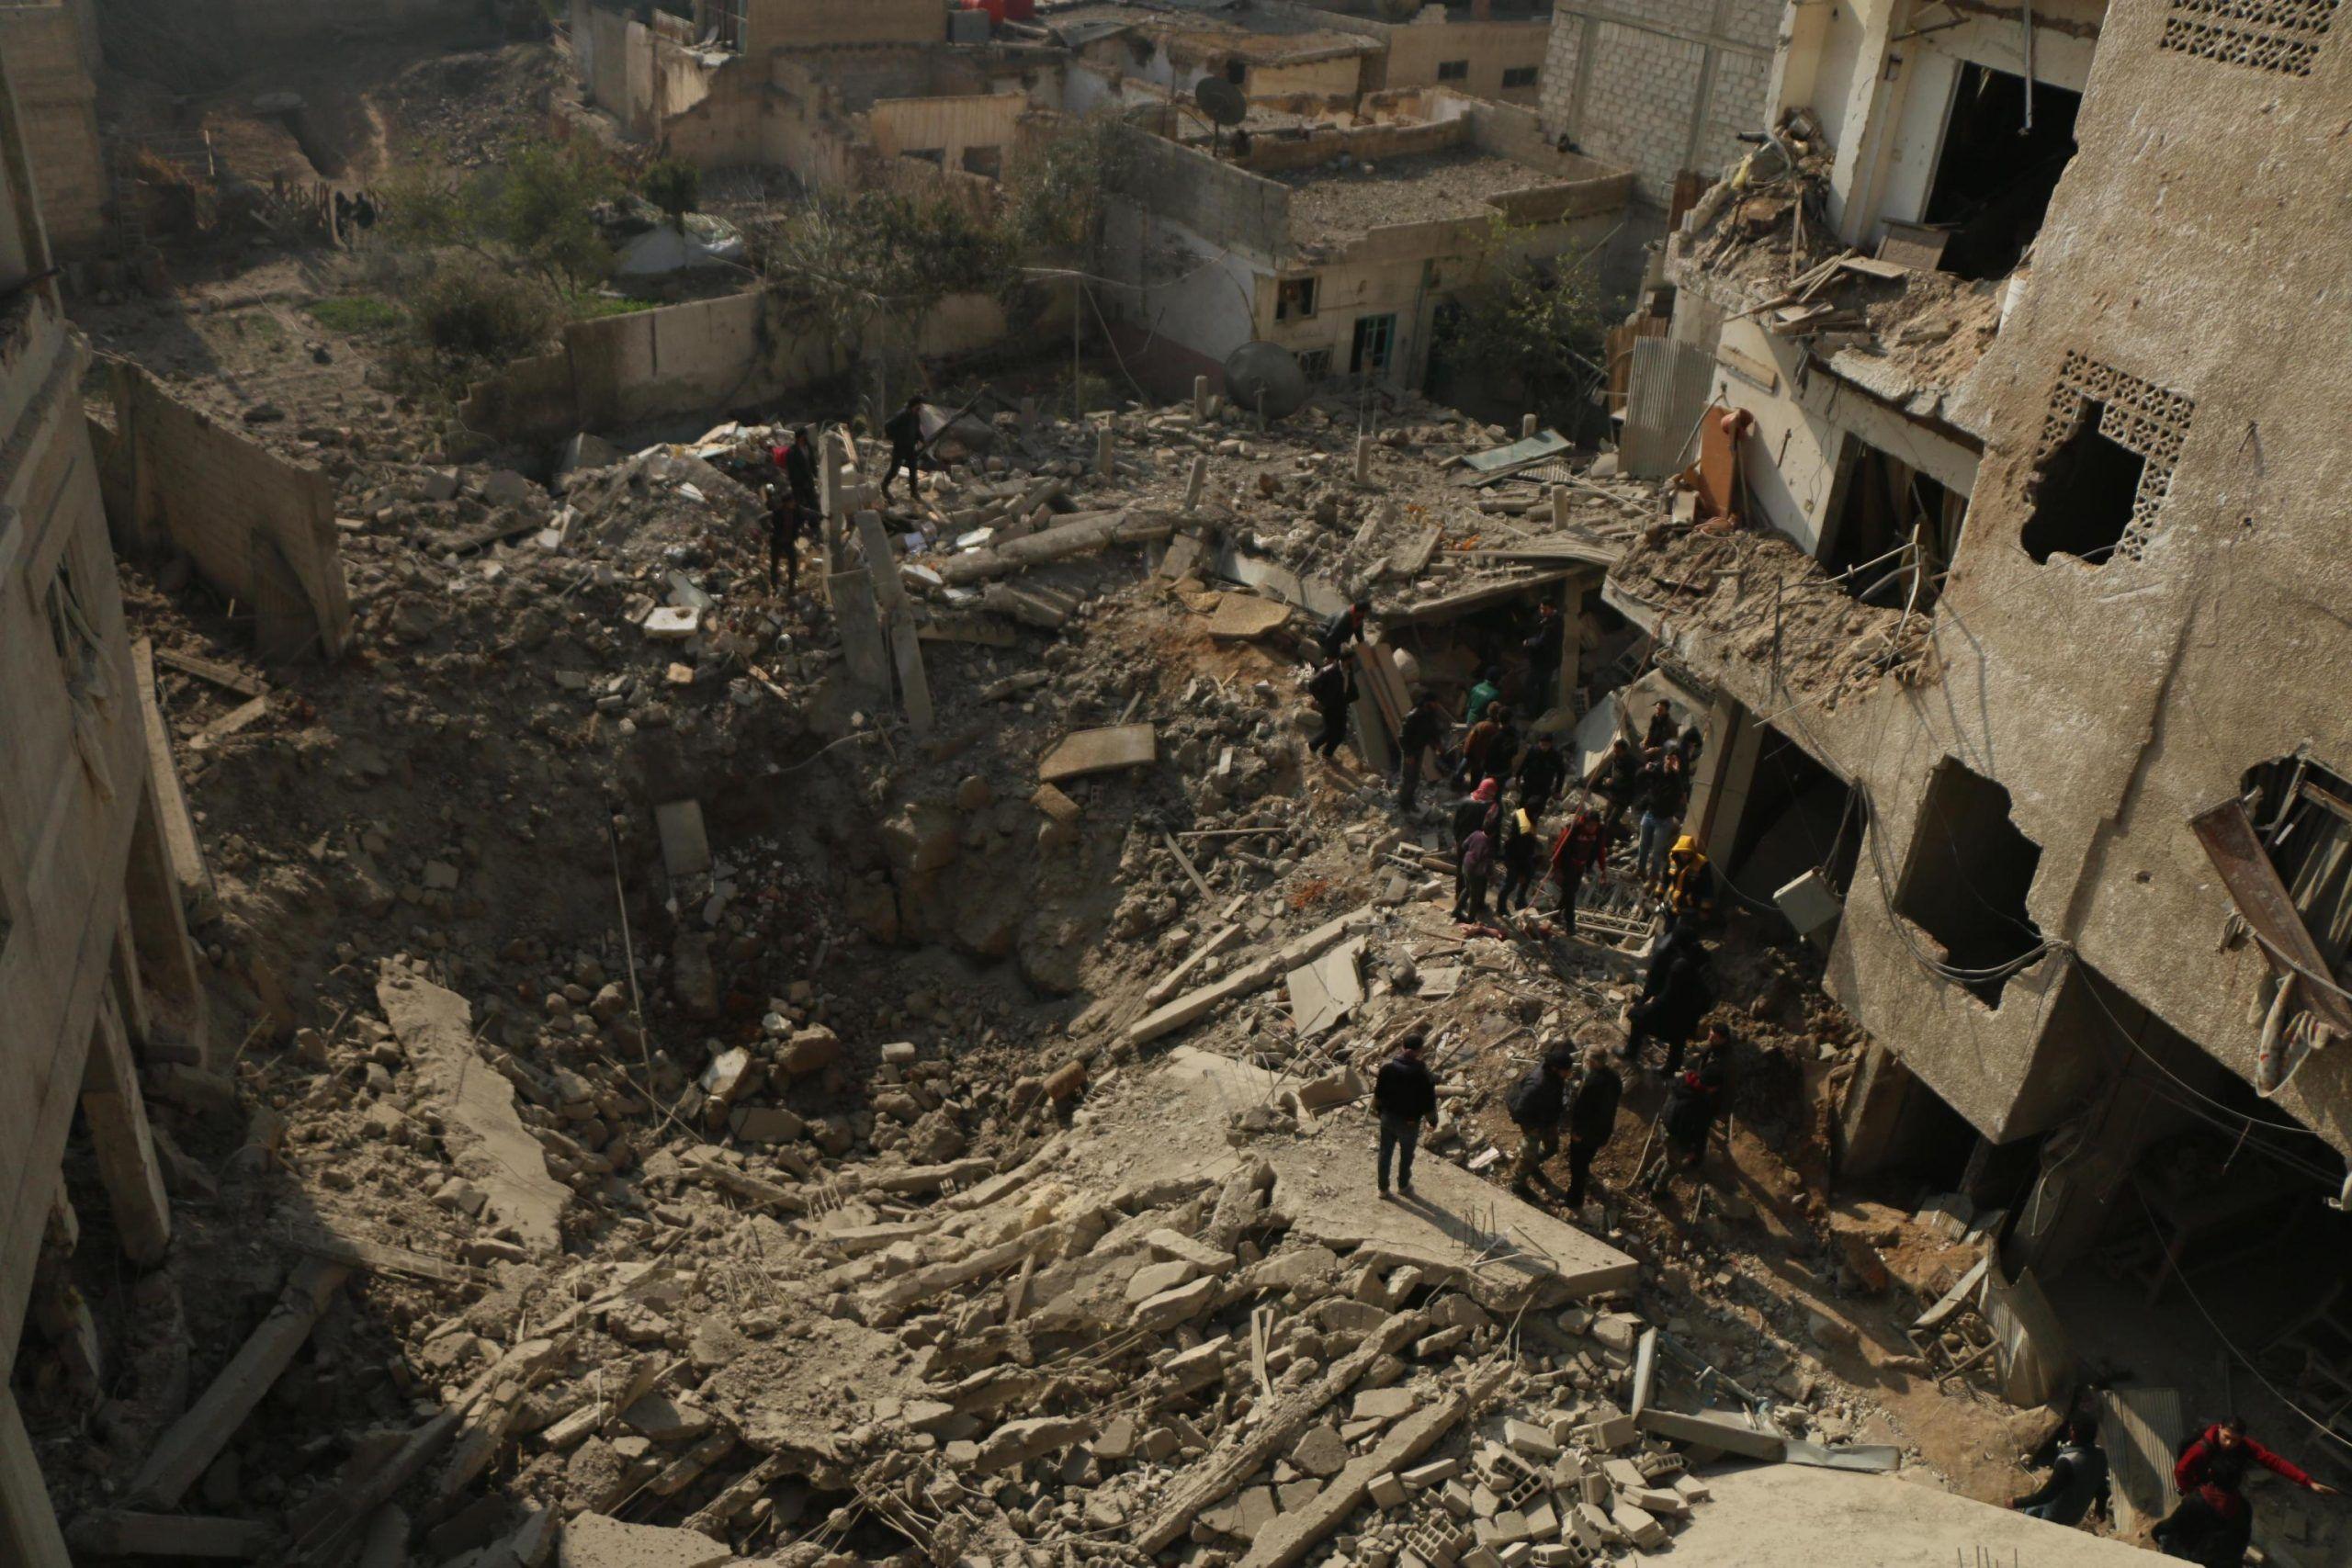 Armi chimiche in Siria, la denuncia: 'Bombe e gas cloro sui civili'